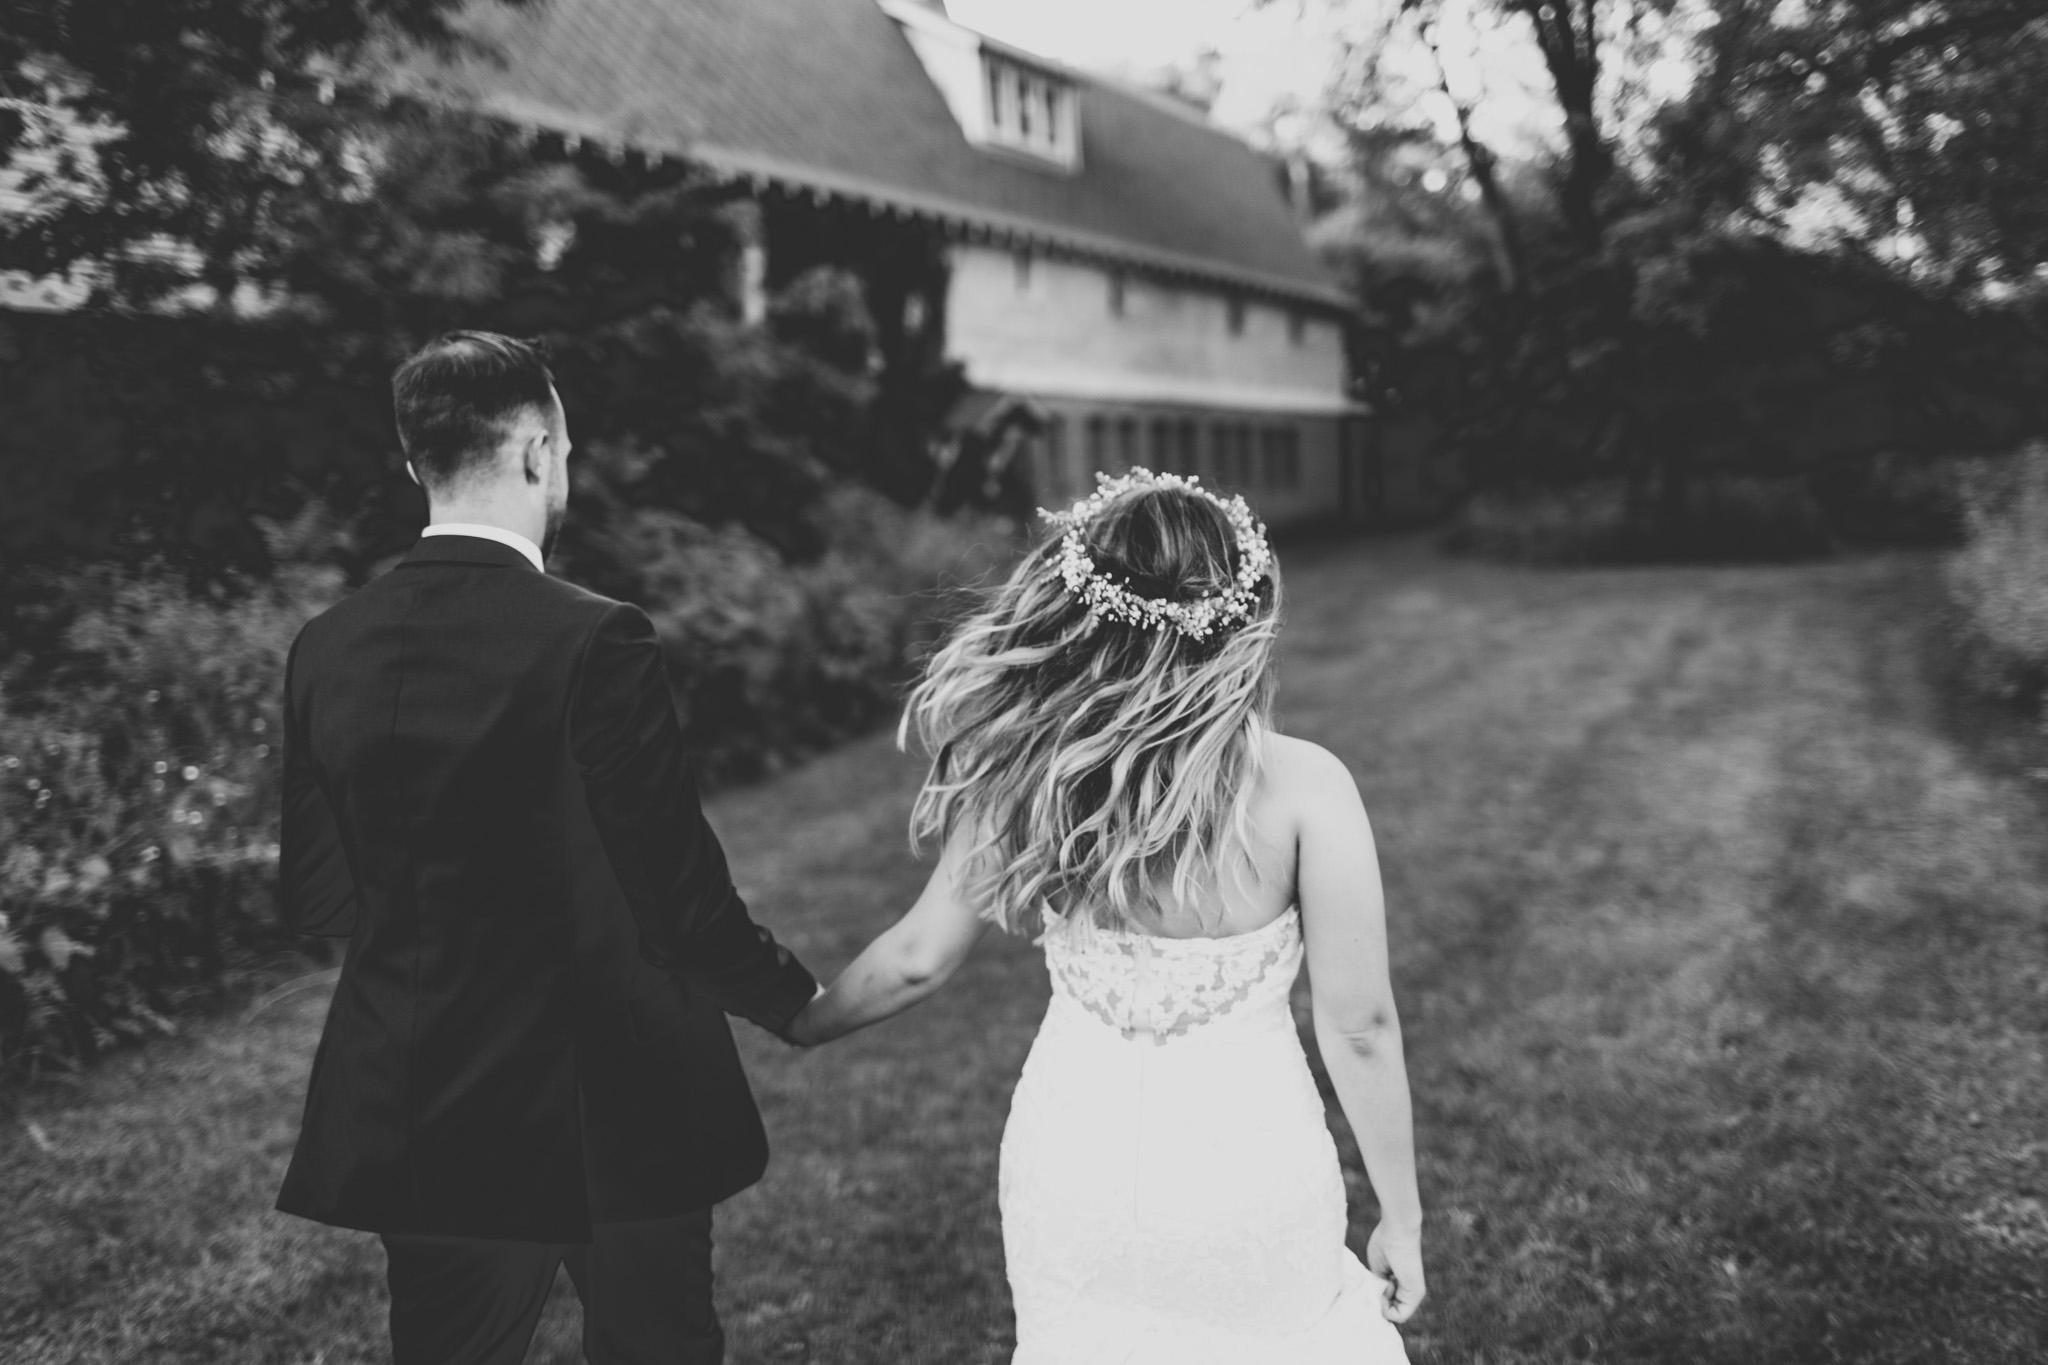 Blue-Dress-Barn-Michigan-Wedding-April-Seth-Vafa-Photo955.jpg